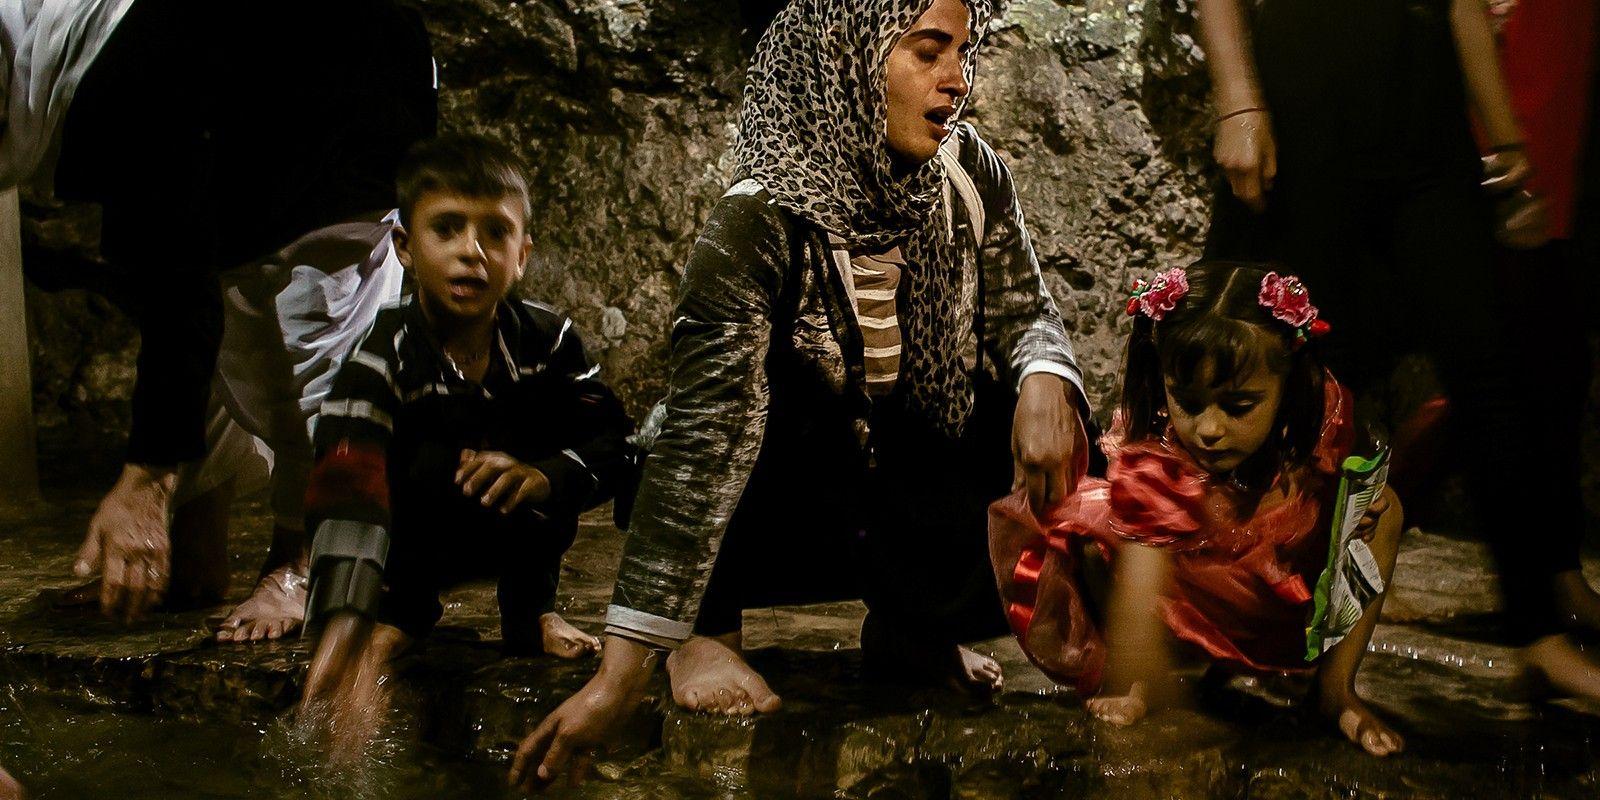 Ex-escravas sexuais do Isis, mulheres yazidis recuperam a fé e a dignidade | National Geographic